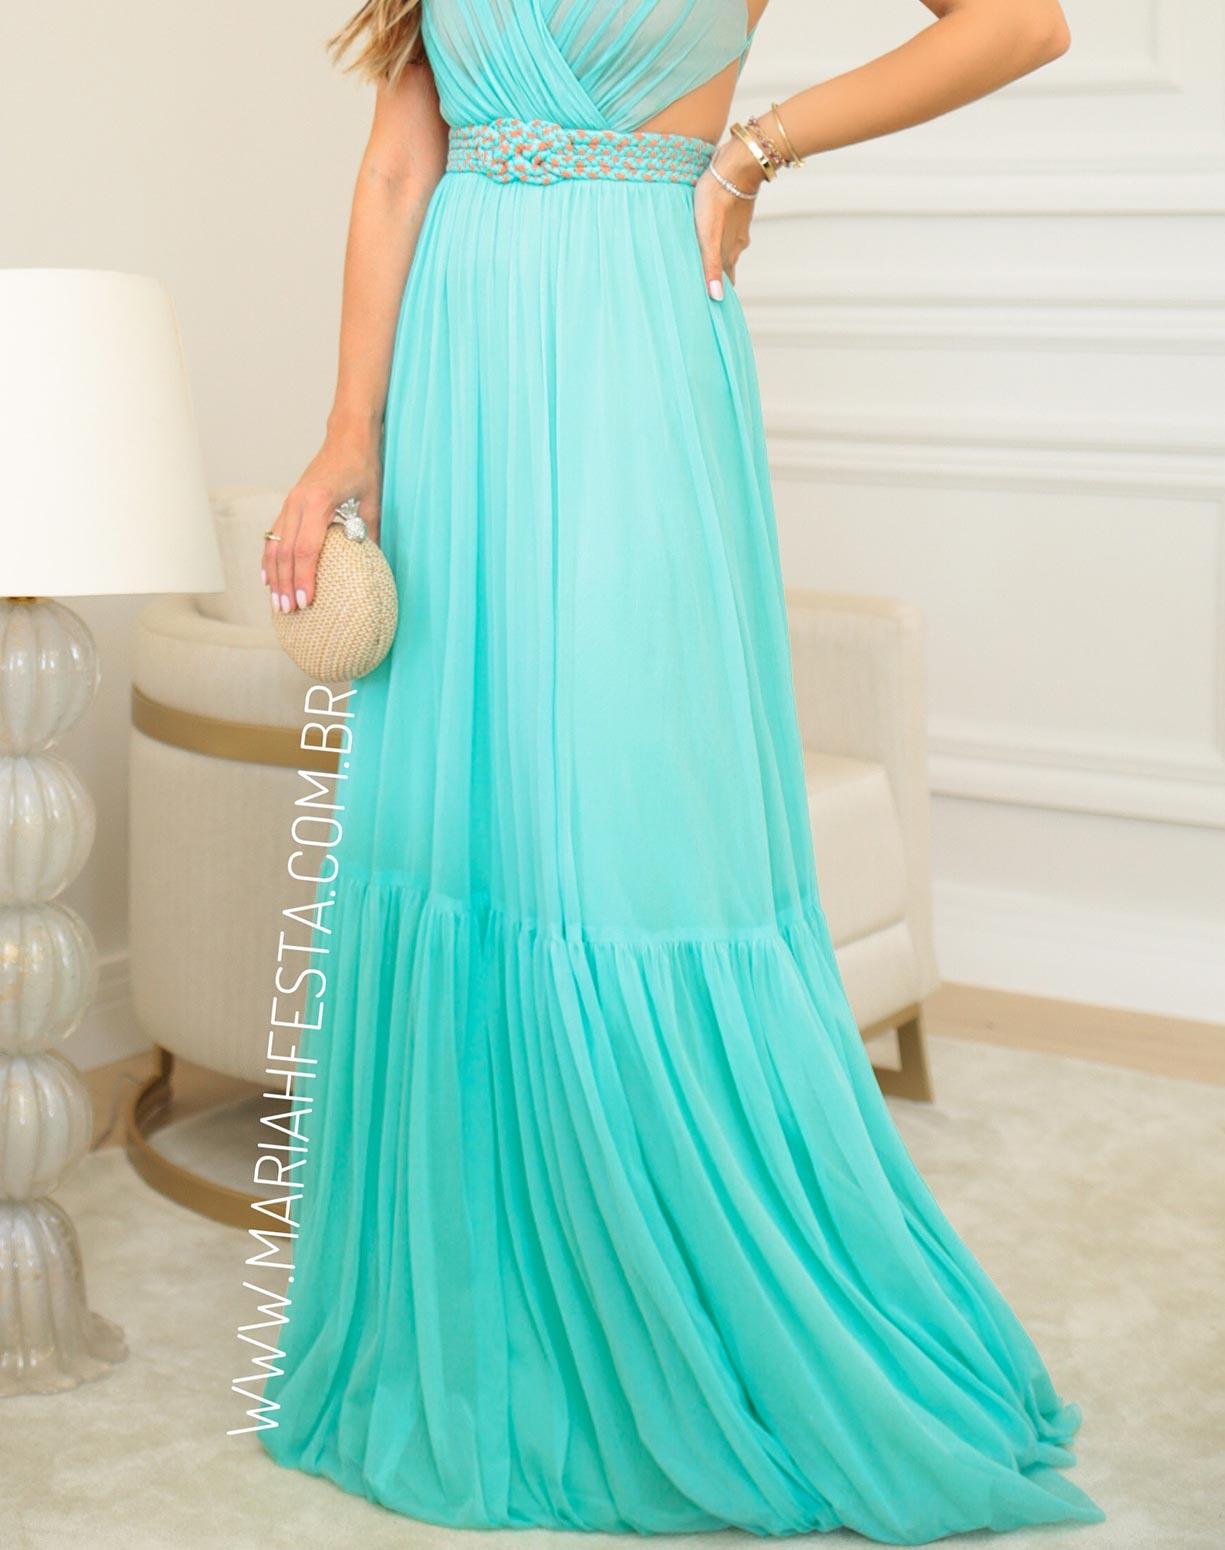 Vestido Tiffany em Tule com Cinto em Macramê